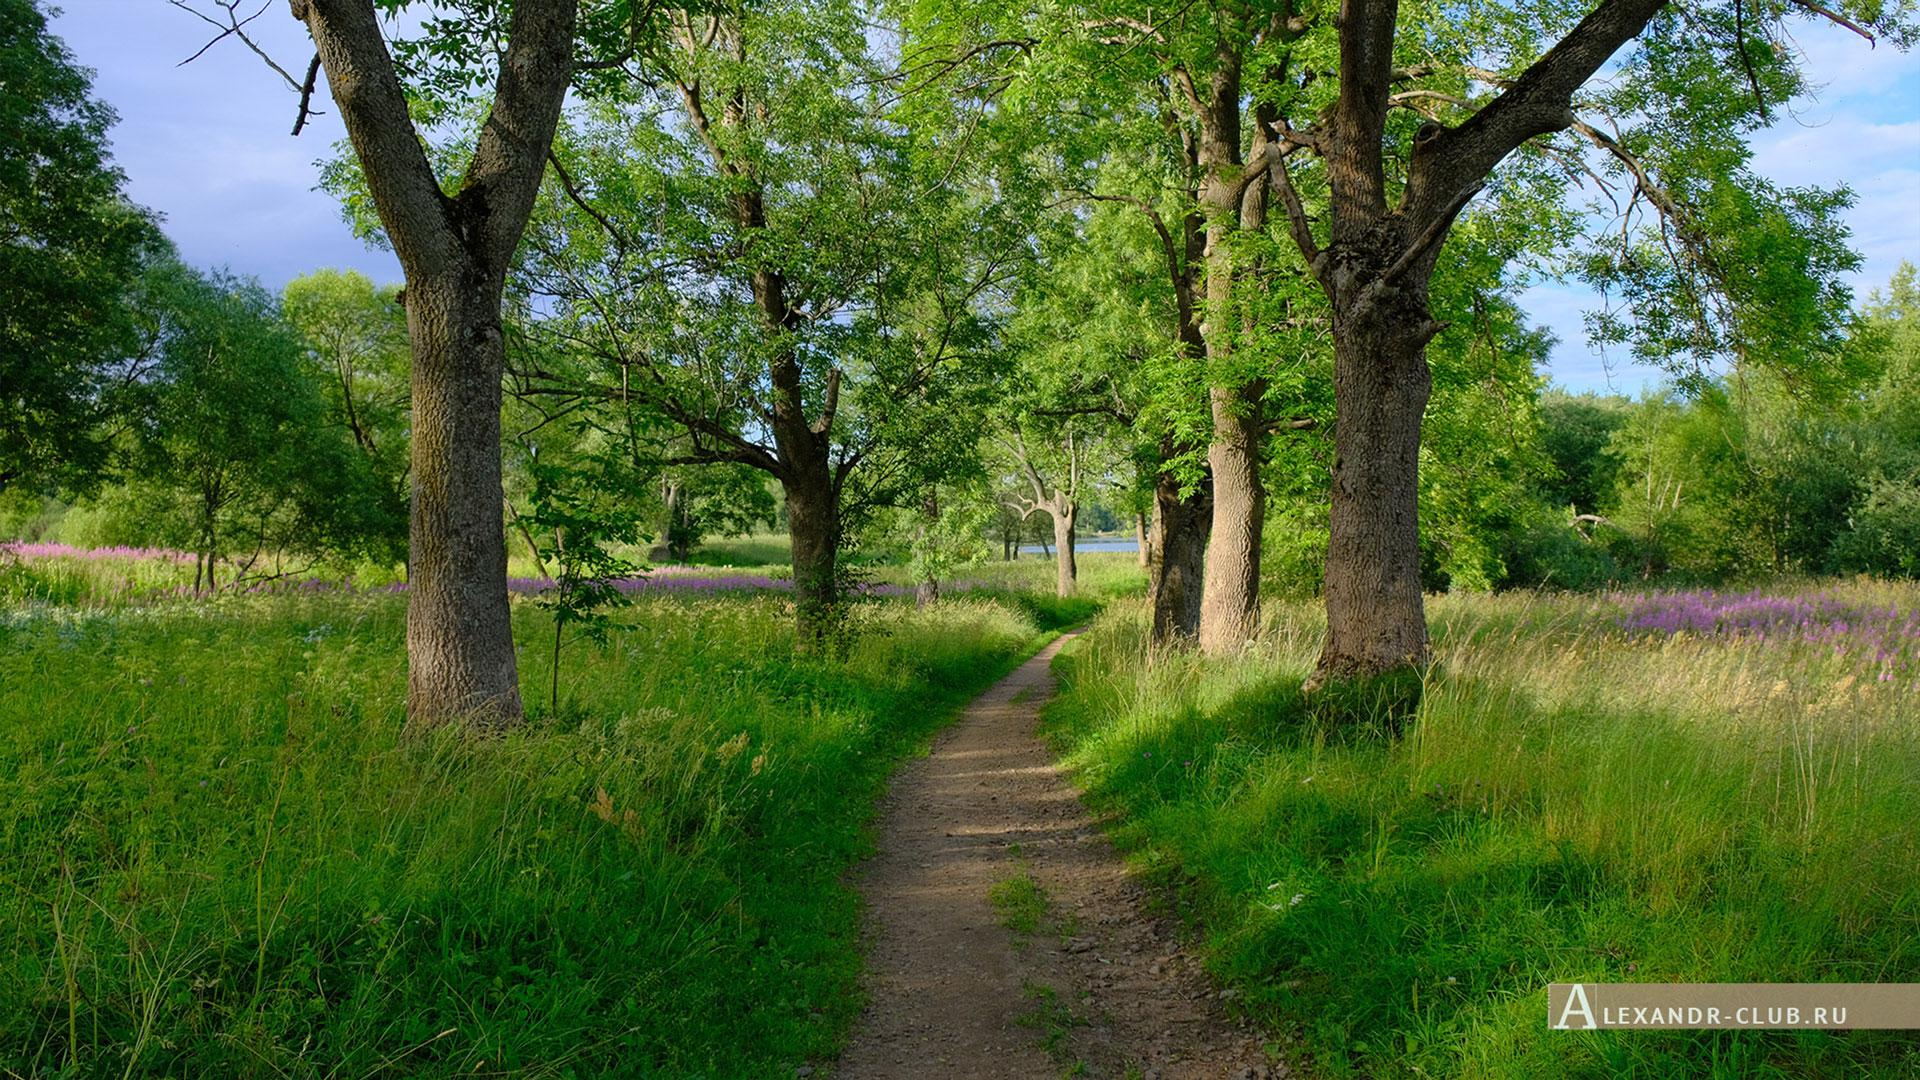 Петергоф, Луговой парк, лето, аллея у реки Шинкарка